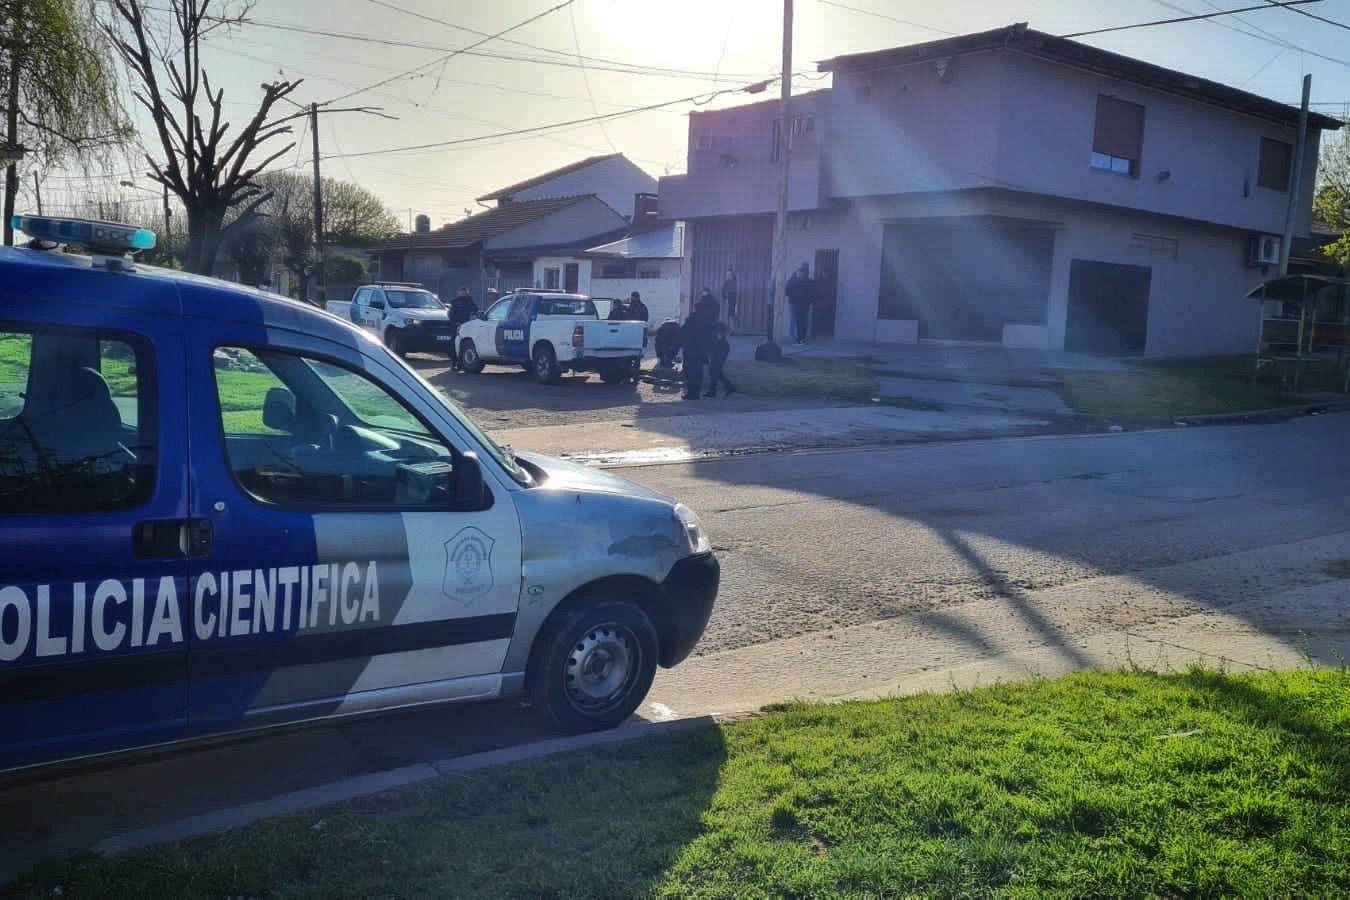 Luego de recibir el disparo, el joven fue trasladado al centro de salud 2 de Mar del Plata, aunque llegó sin vida Foto: TELAM